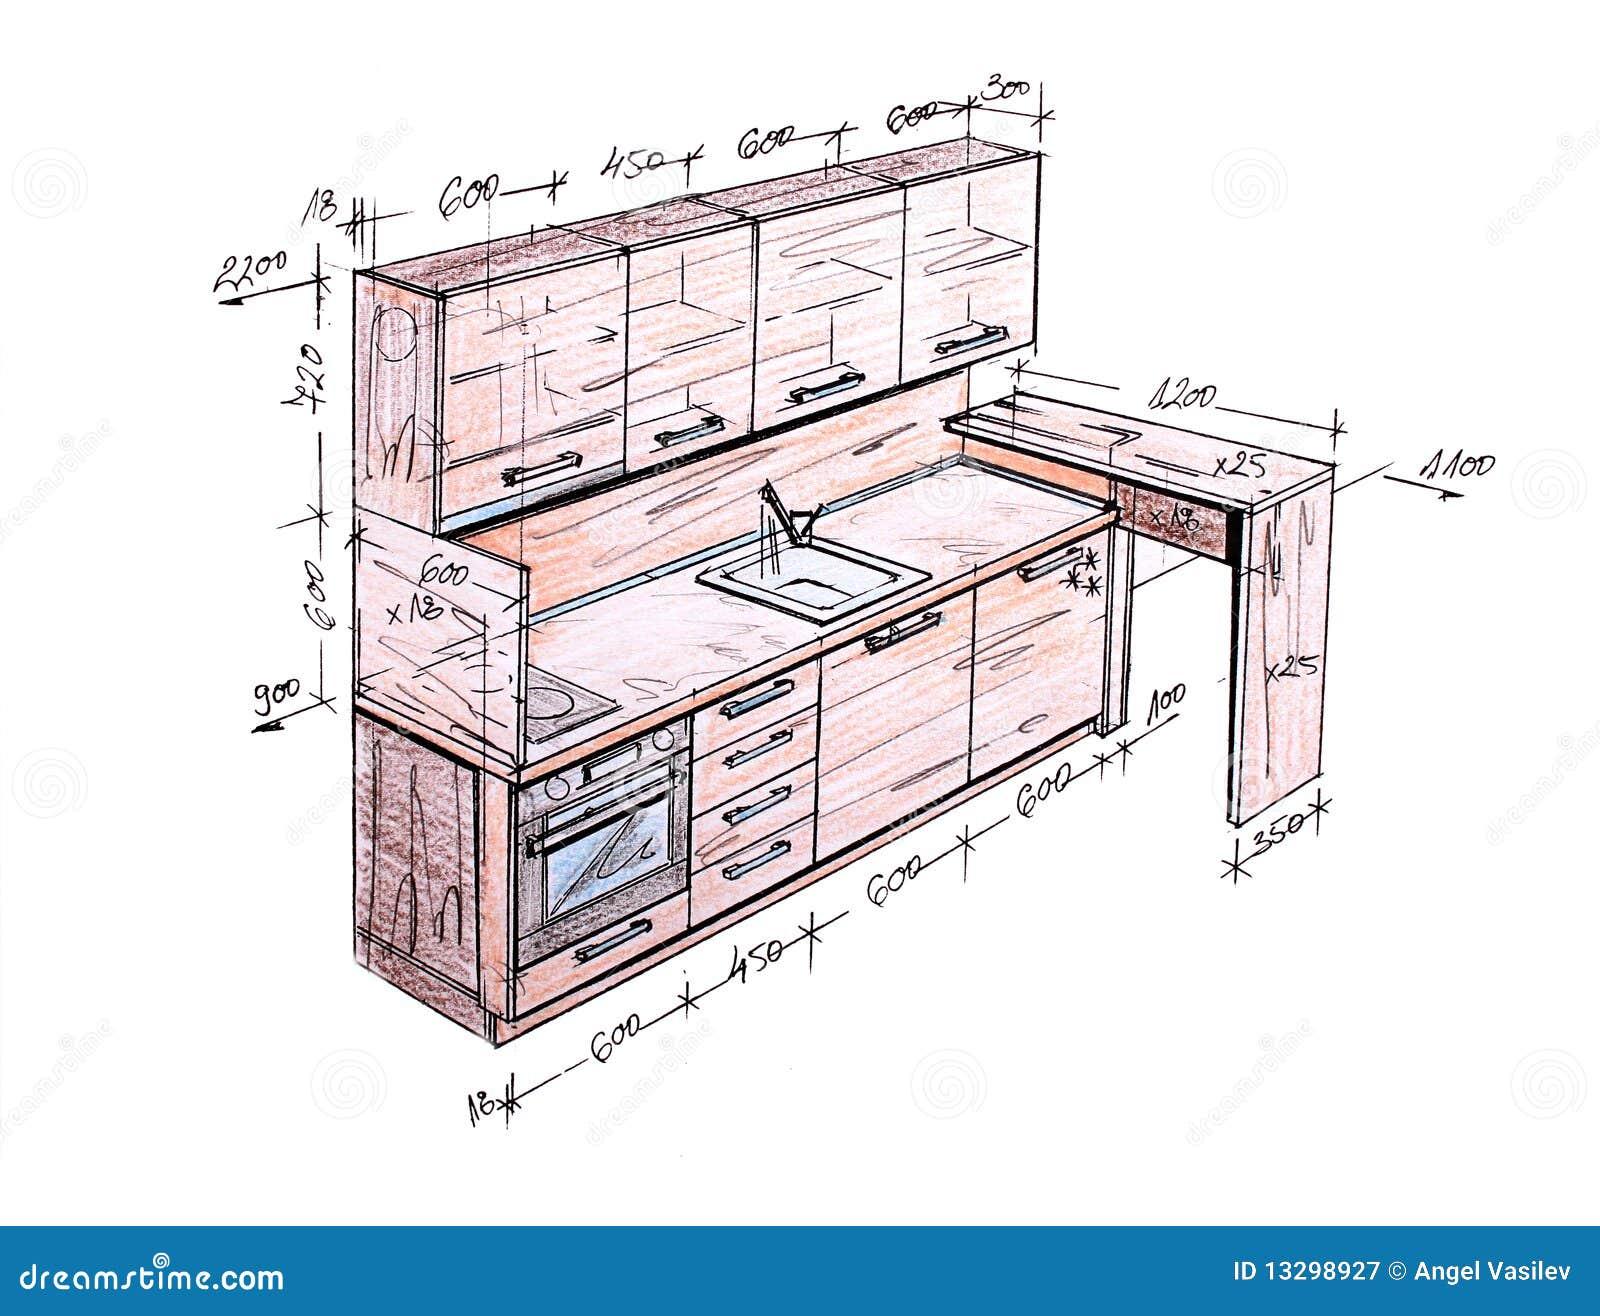 Standard House Measurements Desenho Moderno Da Carta Branca Da Cozinha Do Projeto